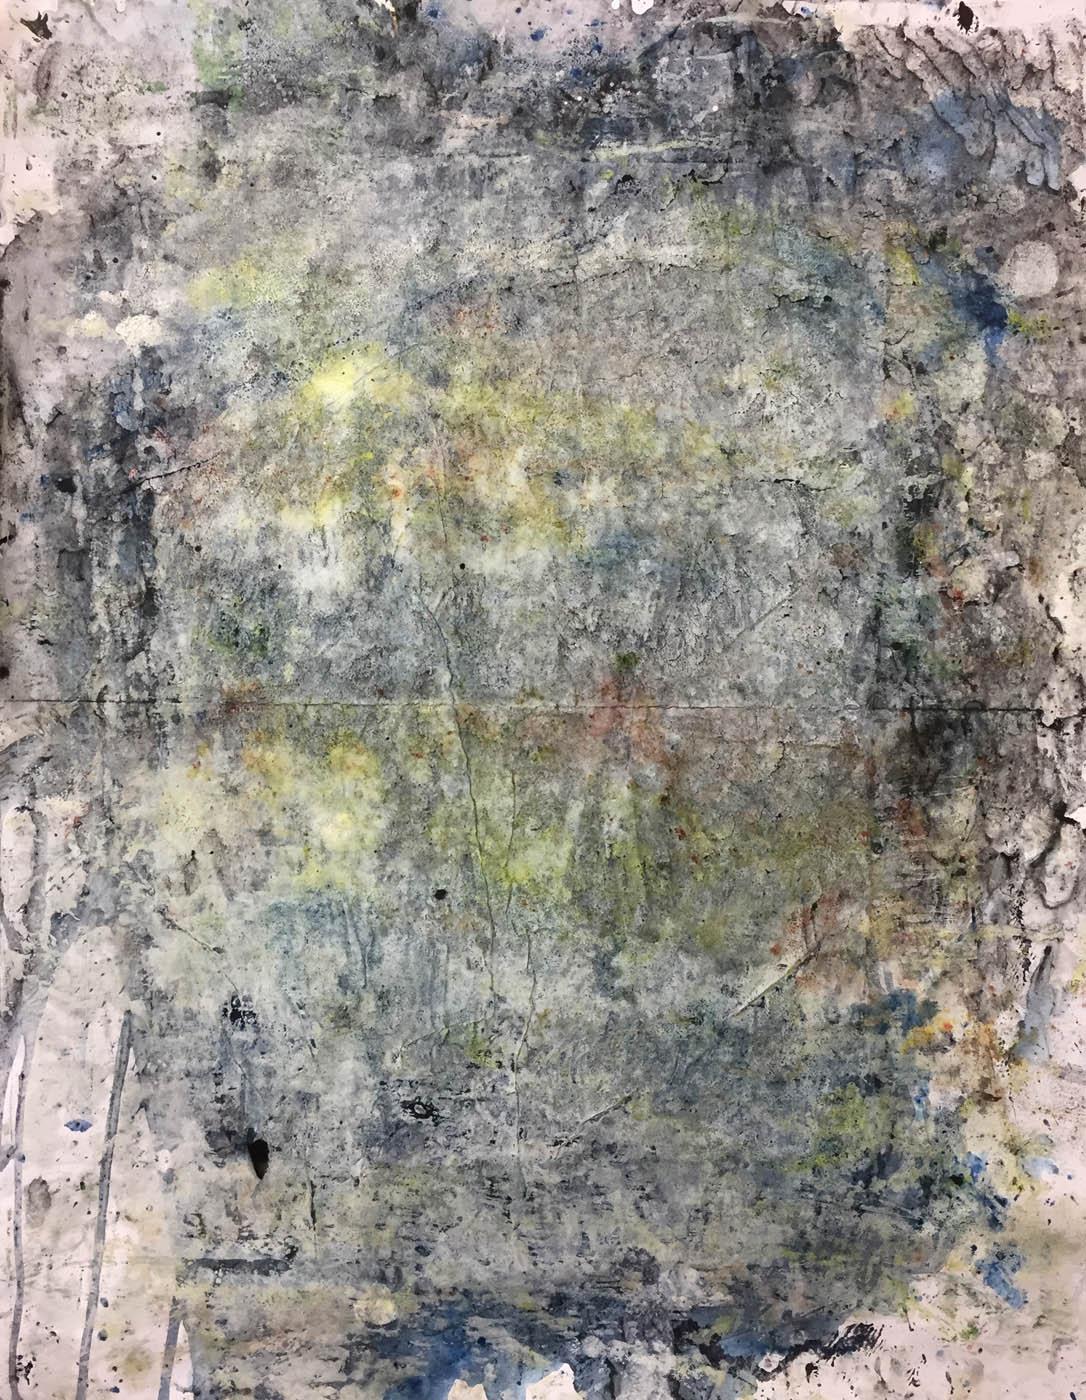 MARC FELD 2019 MEMORY TREE 3 Gouache, acrylique et pigment sur papier 50 x 65 cm